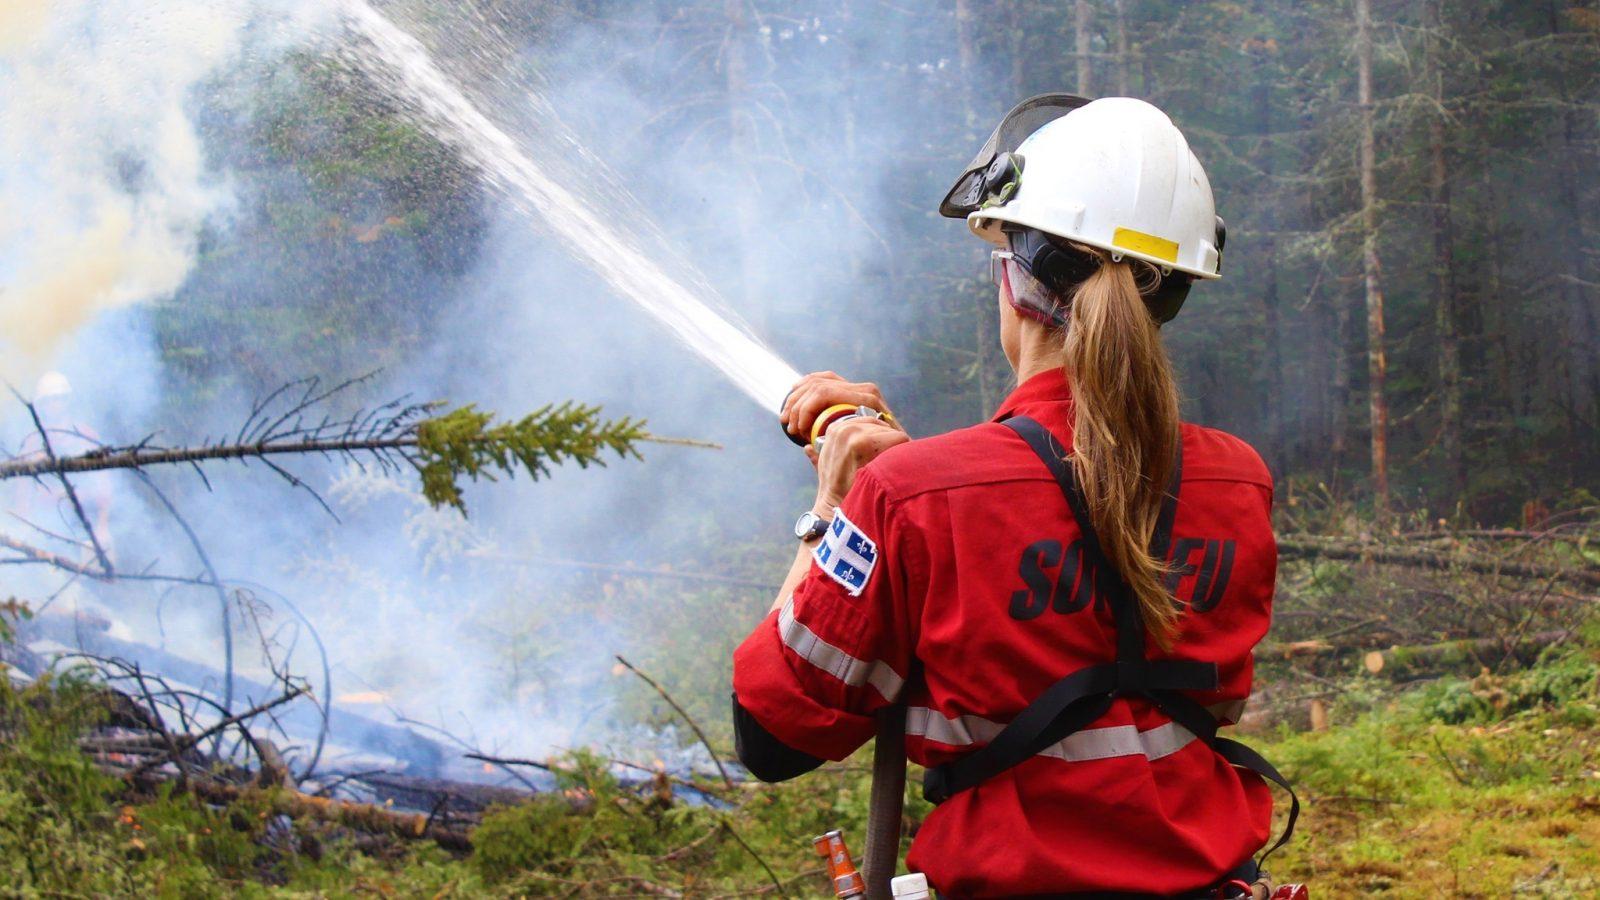 Des risques d'incendies plus élevés